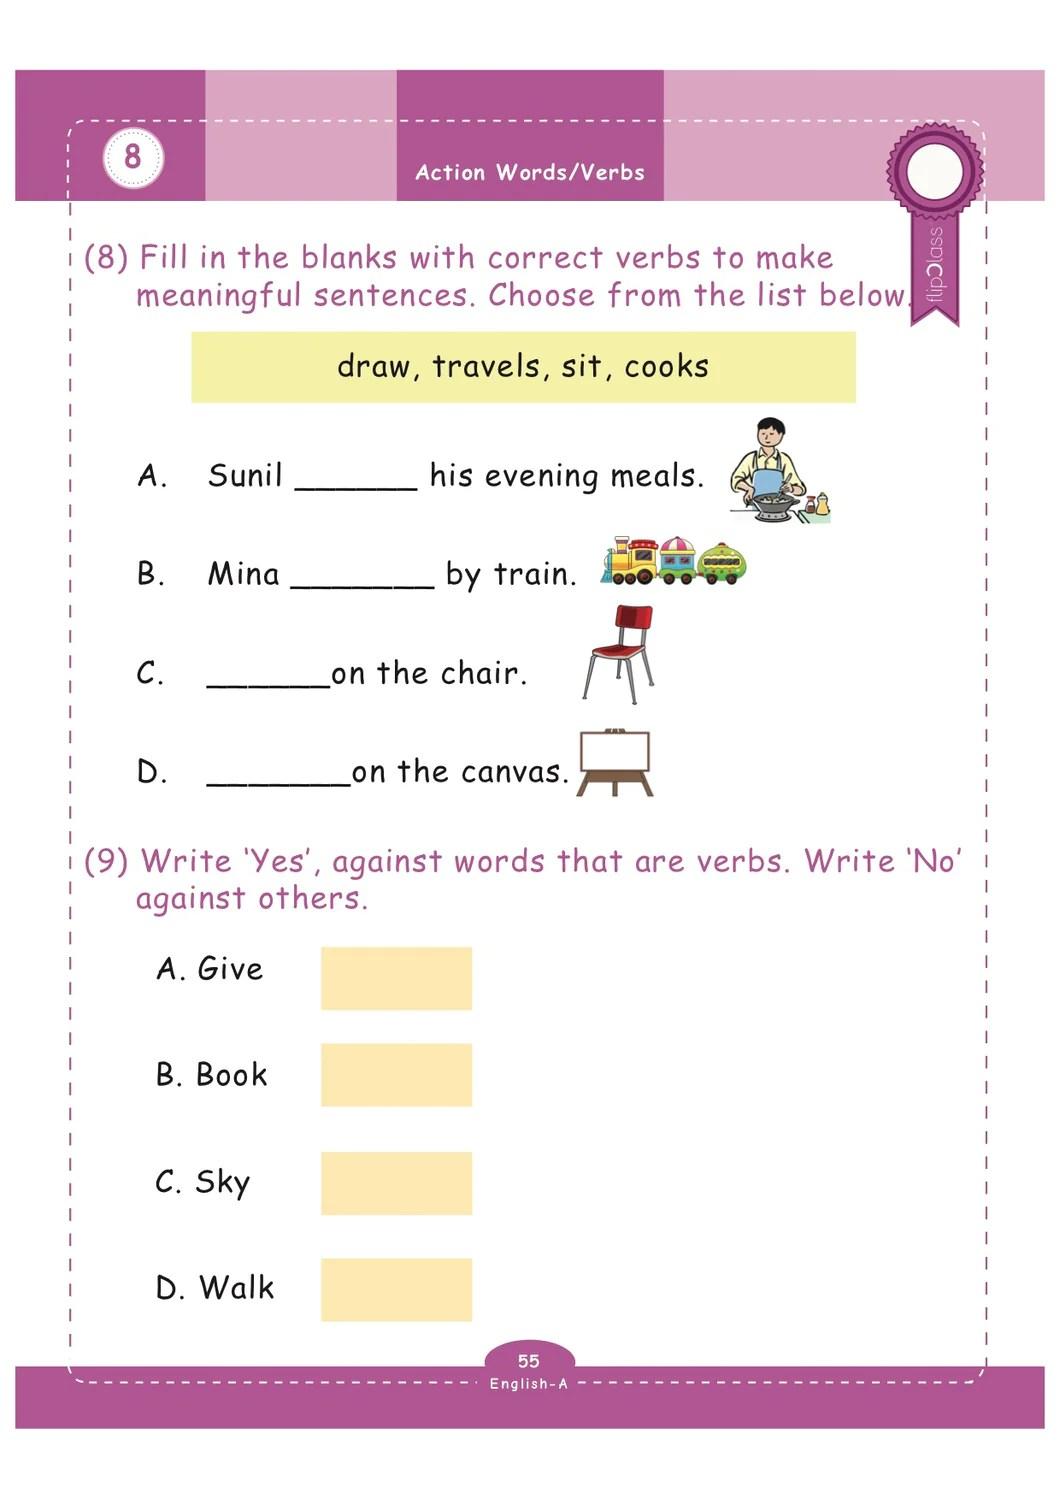 29 English Worksheet For Grade 1 - Worksheet Resource Plans [ 1499 x 1060 Pixel ]